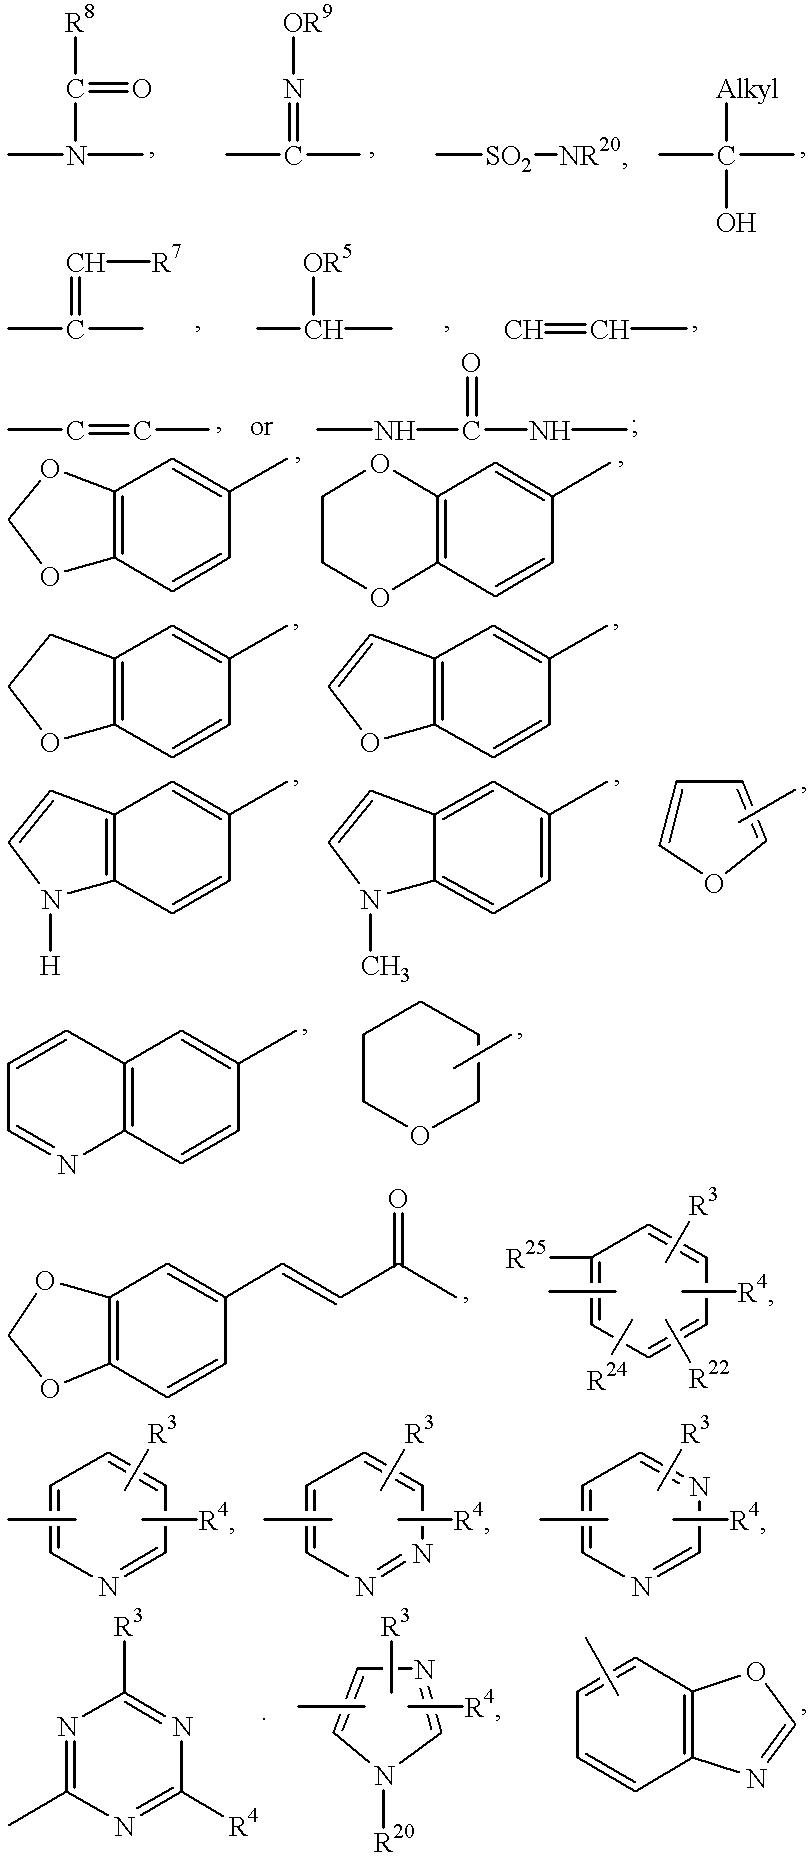 Figure US20020103205A1-20020801-C00003